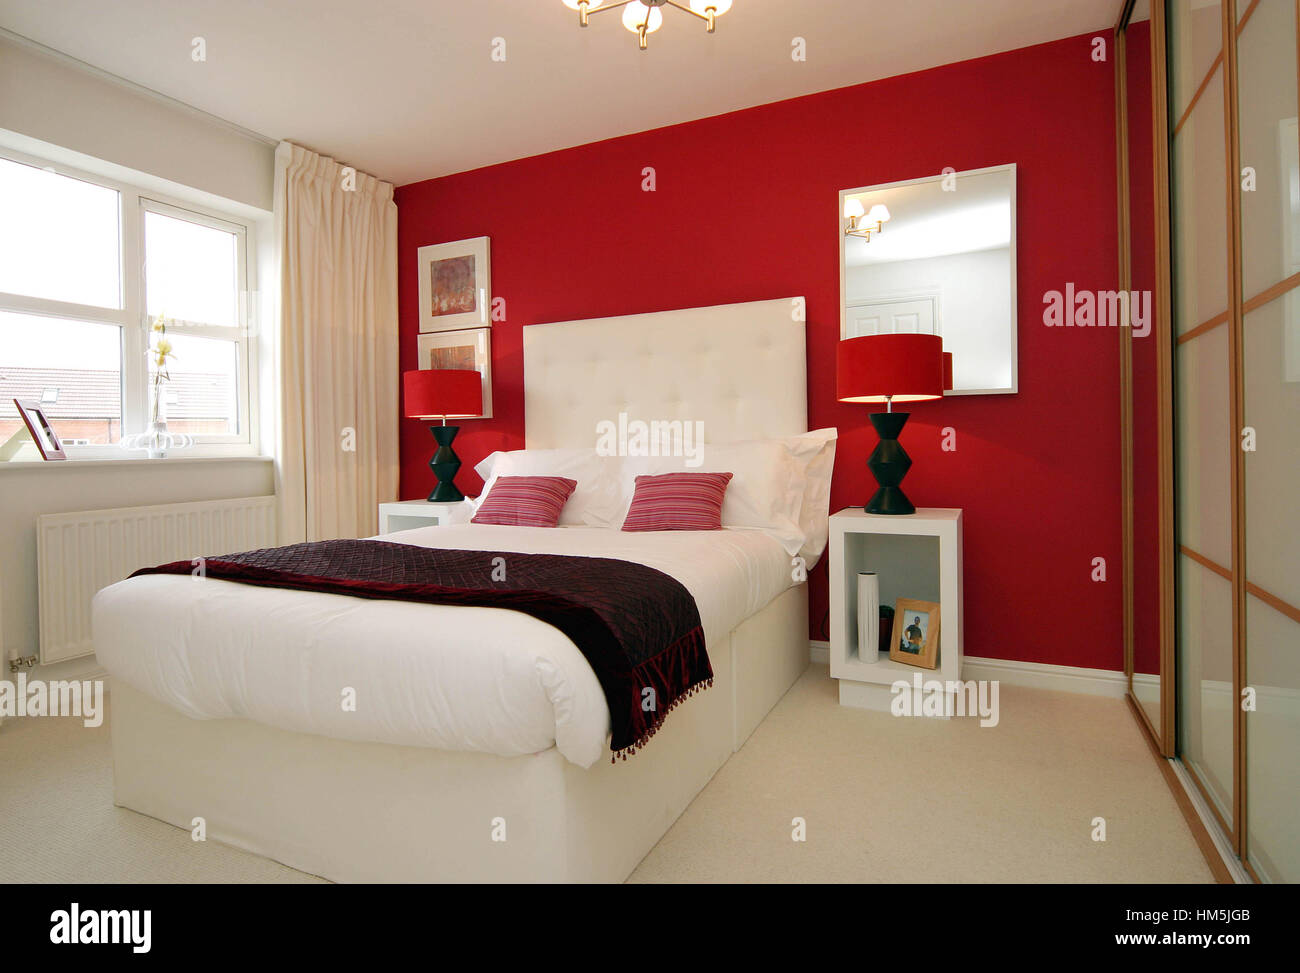 Superior Schlafzimmer Rote Wand #5: Moderne Schlafzimmer Mit Schiebetüren, Schranktüren, Rote Wand, Moderne  Nachttisch, Lampen